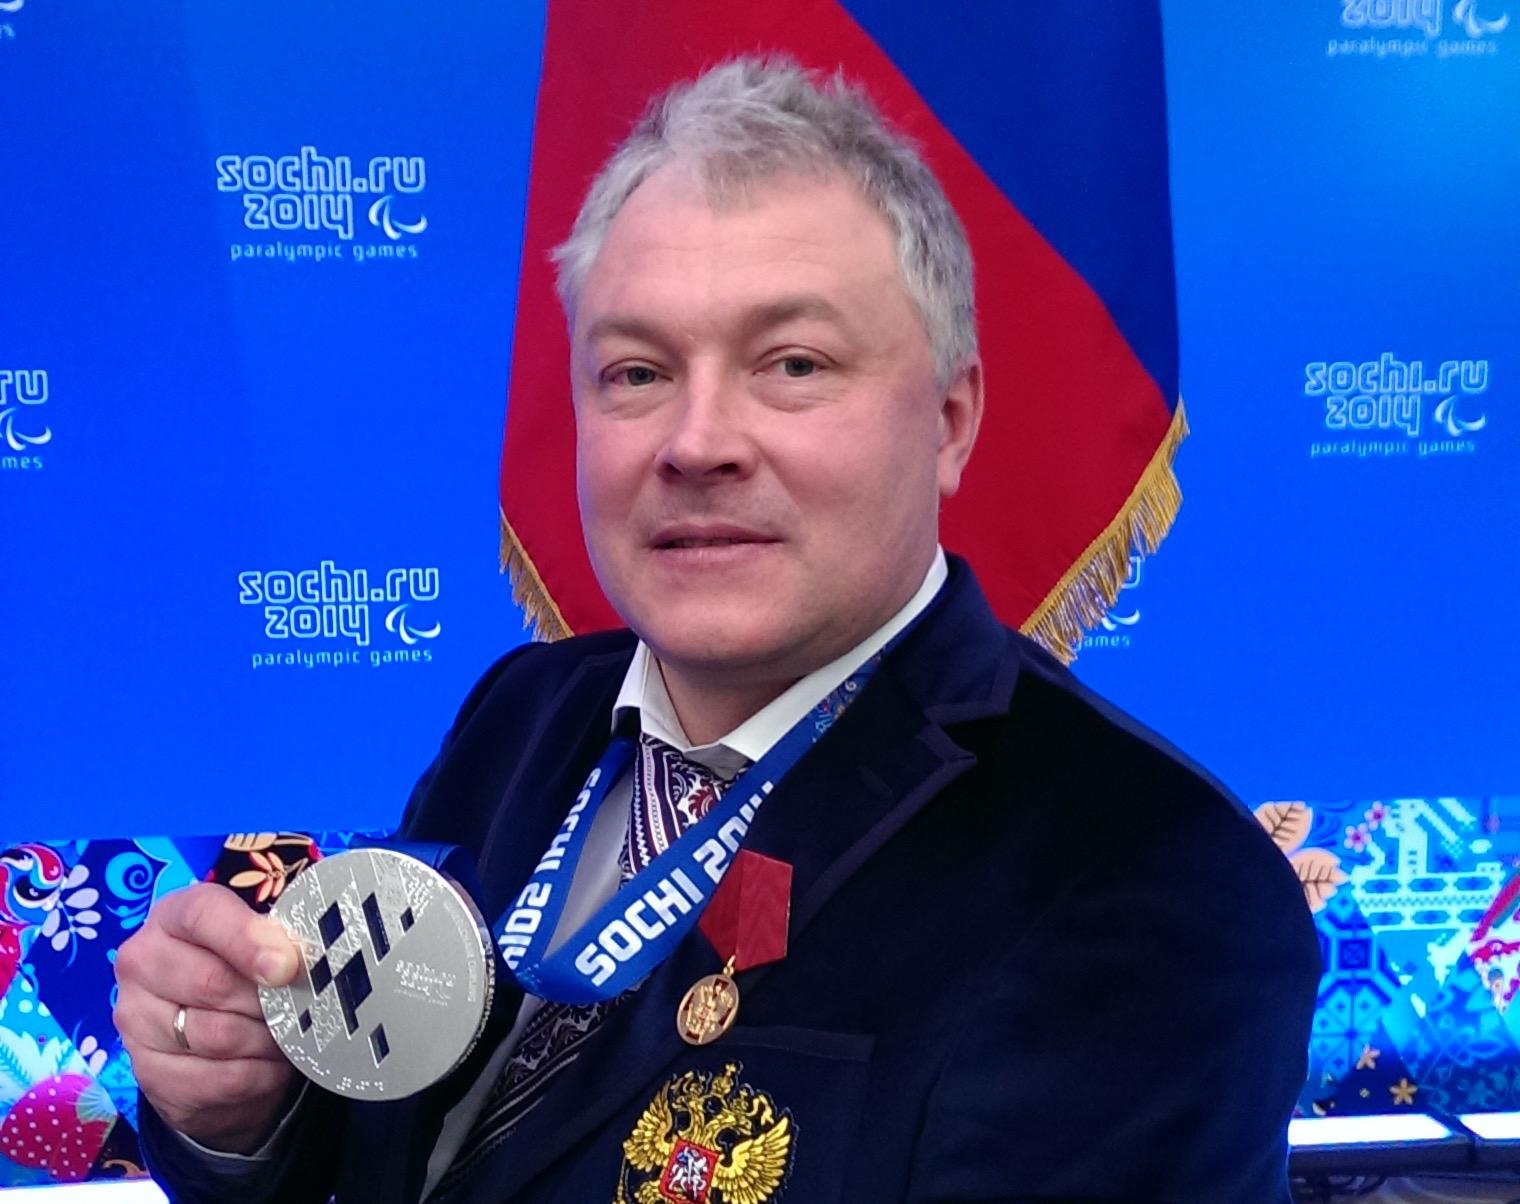 Послы паралимпийского спорта. Александр Шевченко